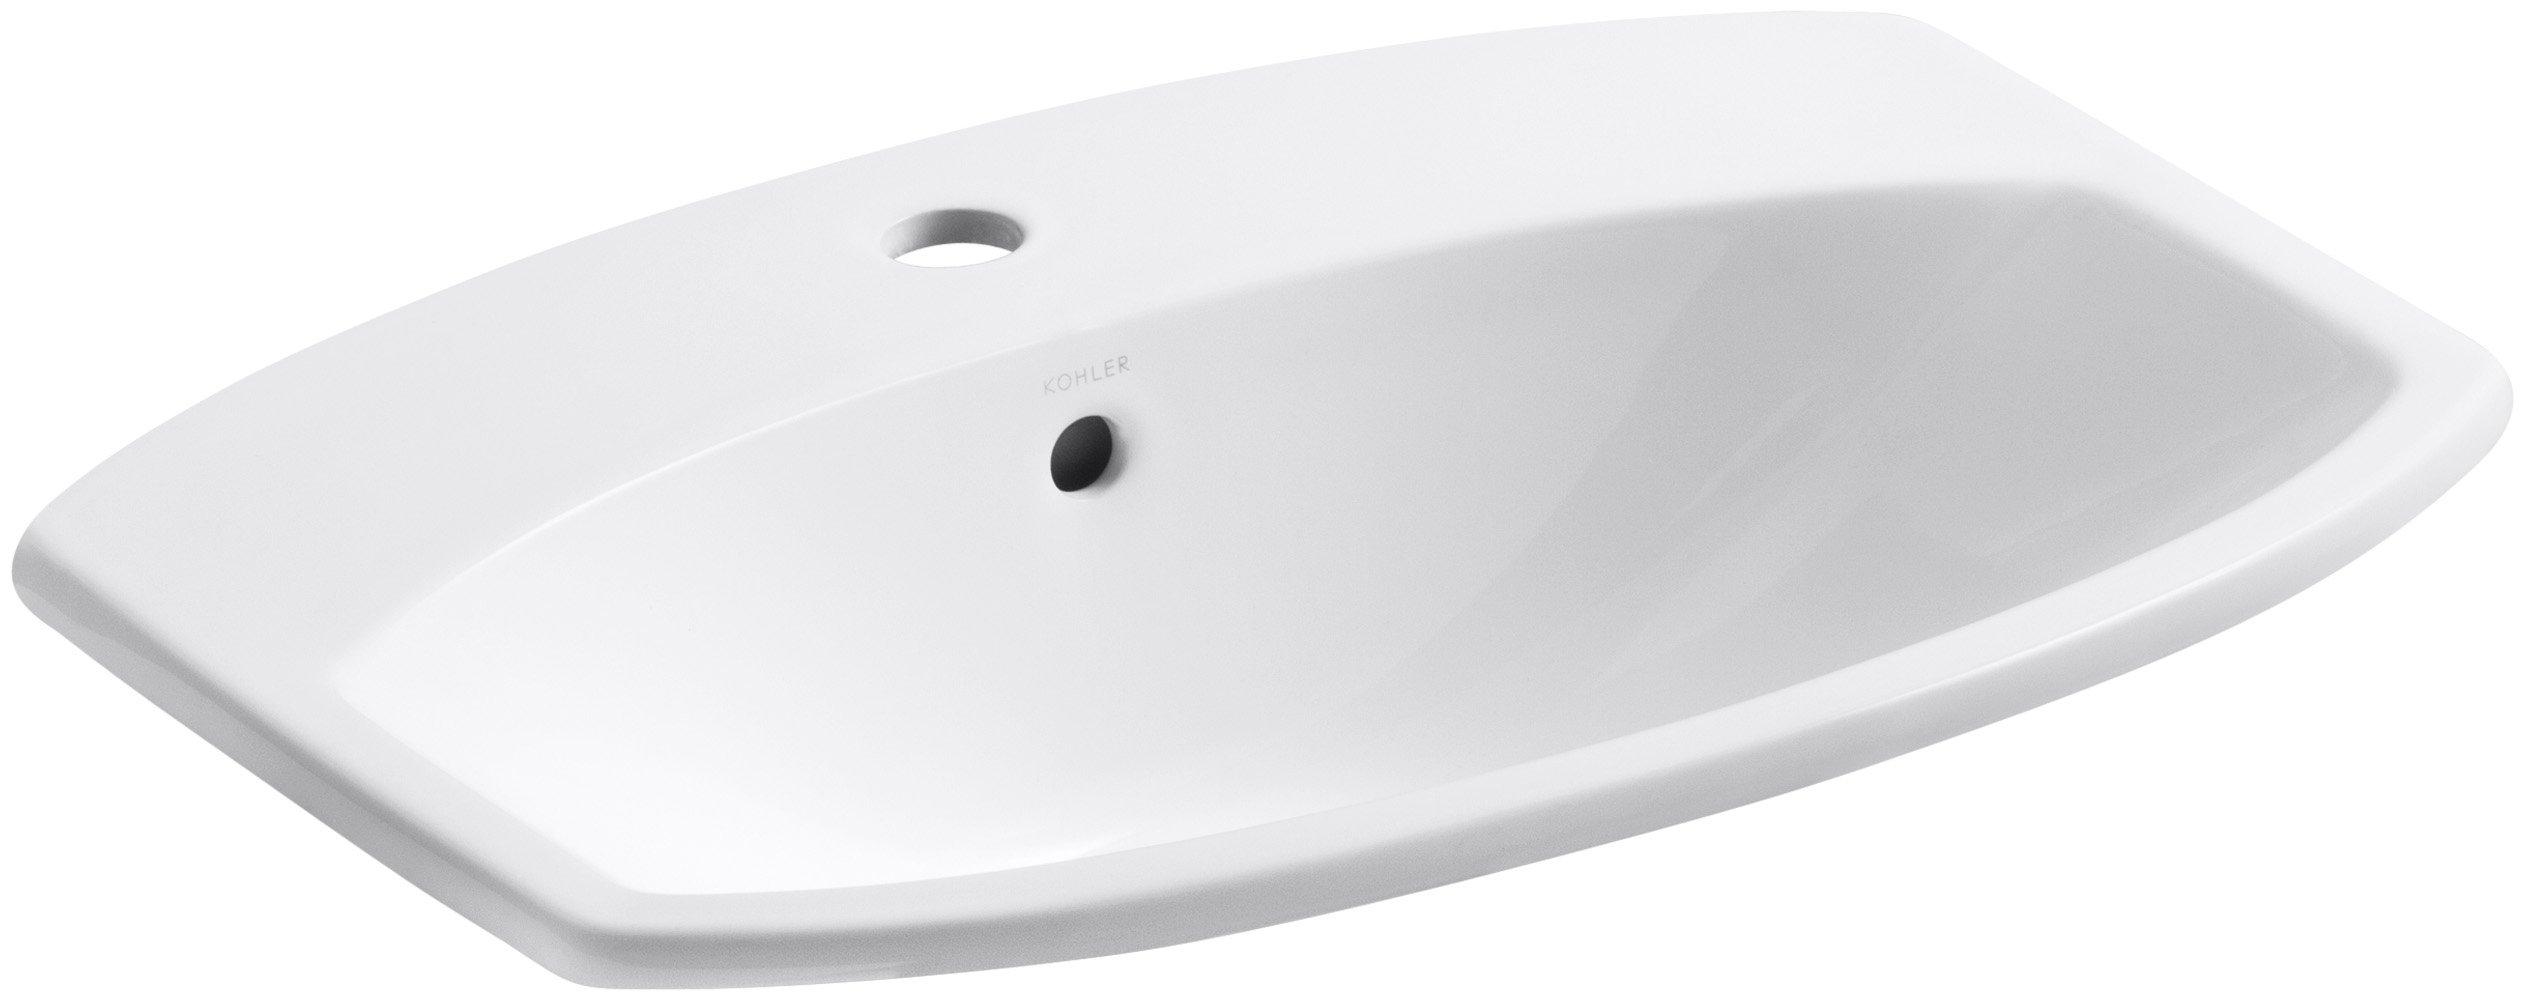 KOHLER K-2351-1-0 Cimarron Self-Rimming Bathroom Sink, White